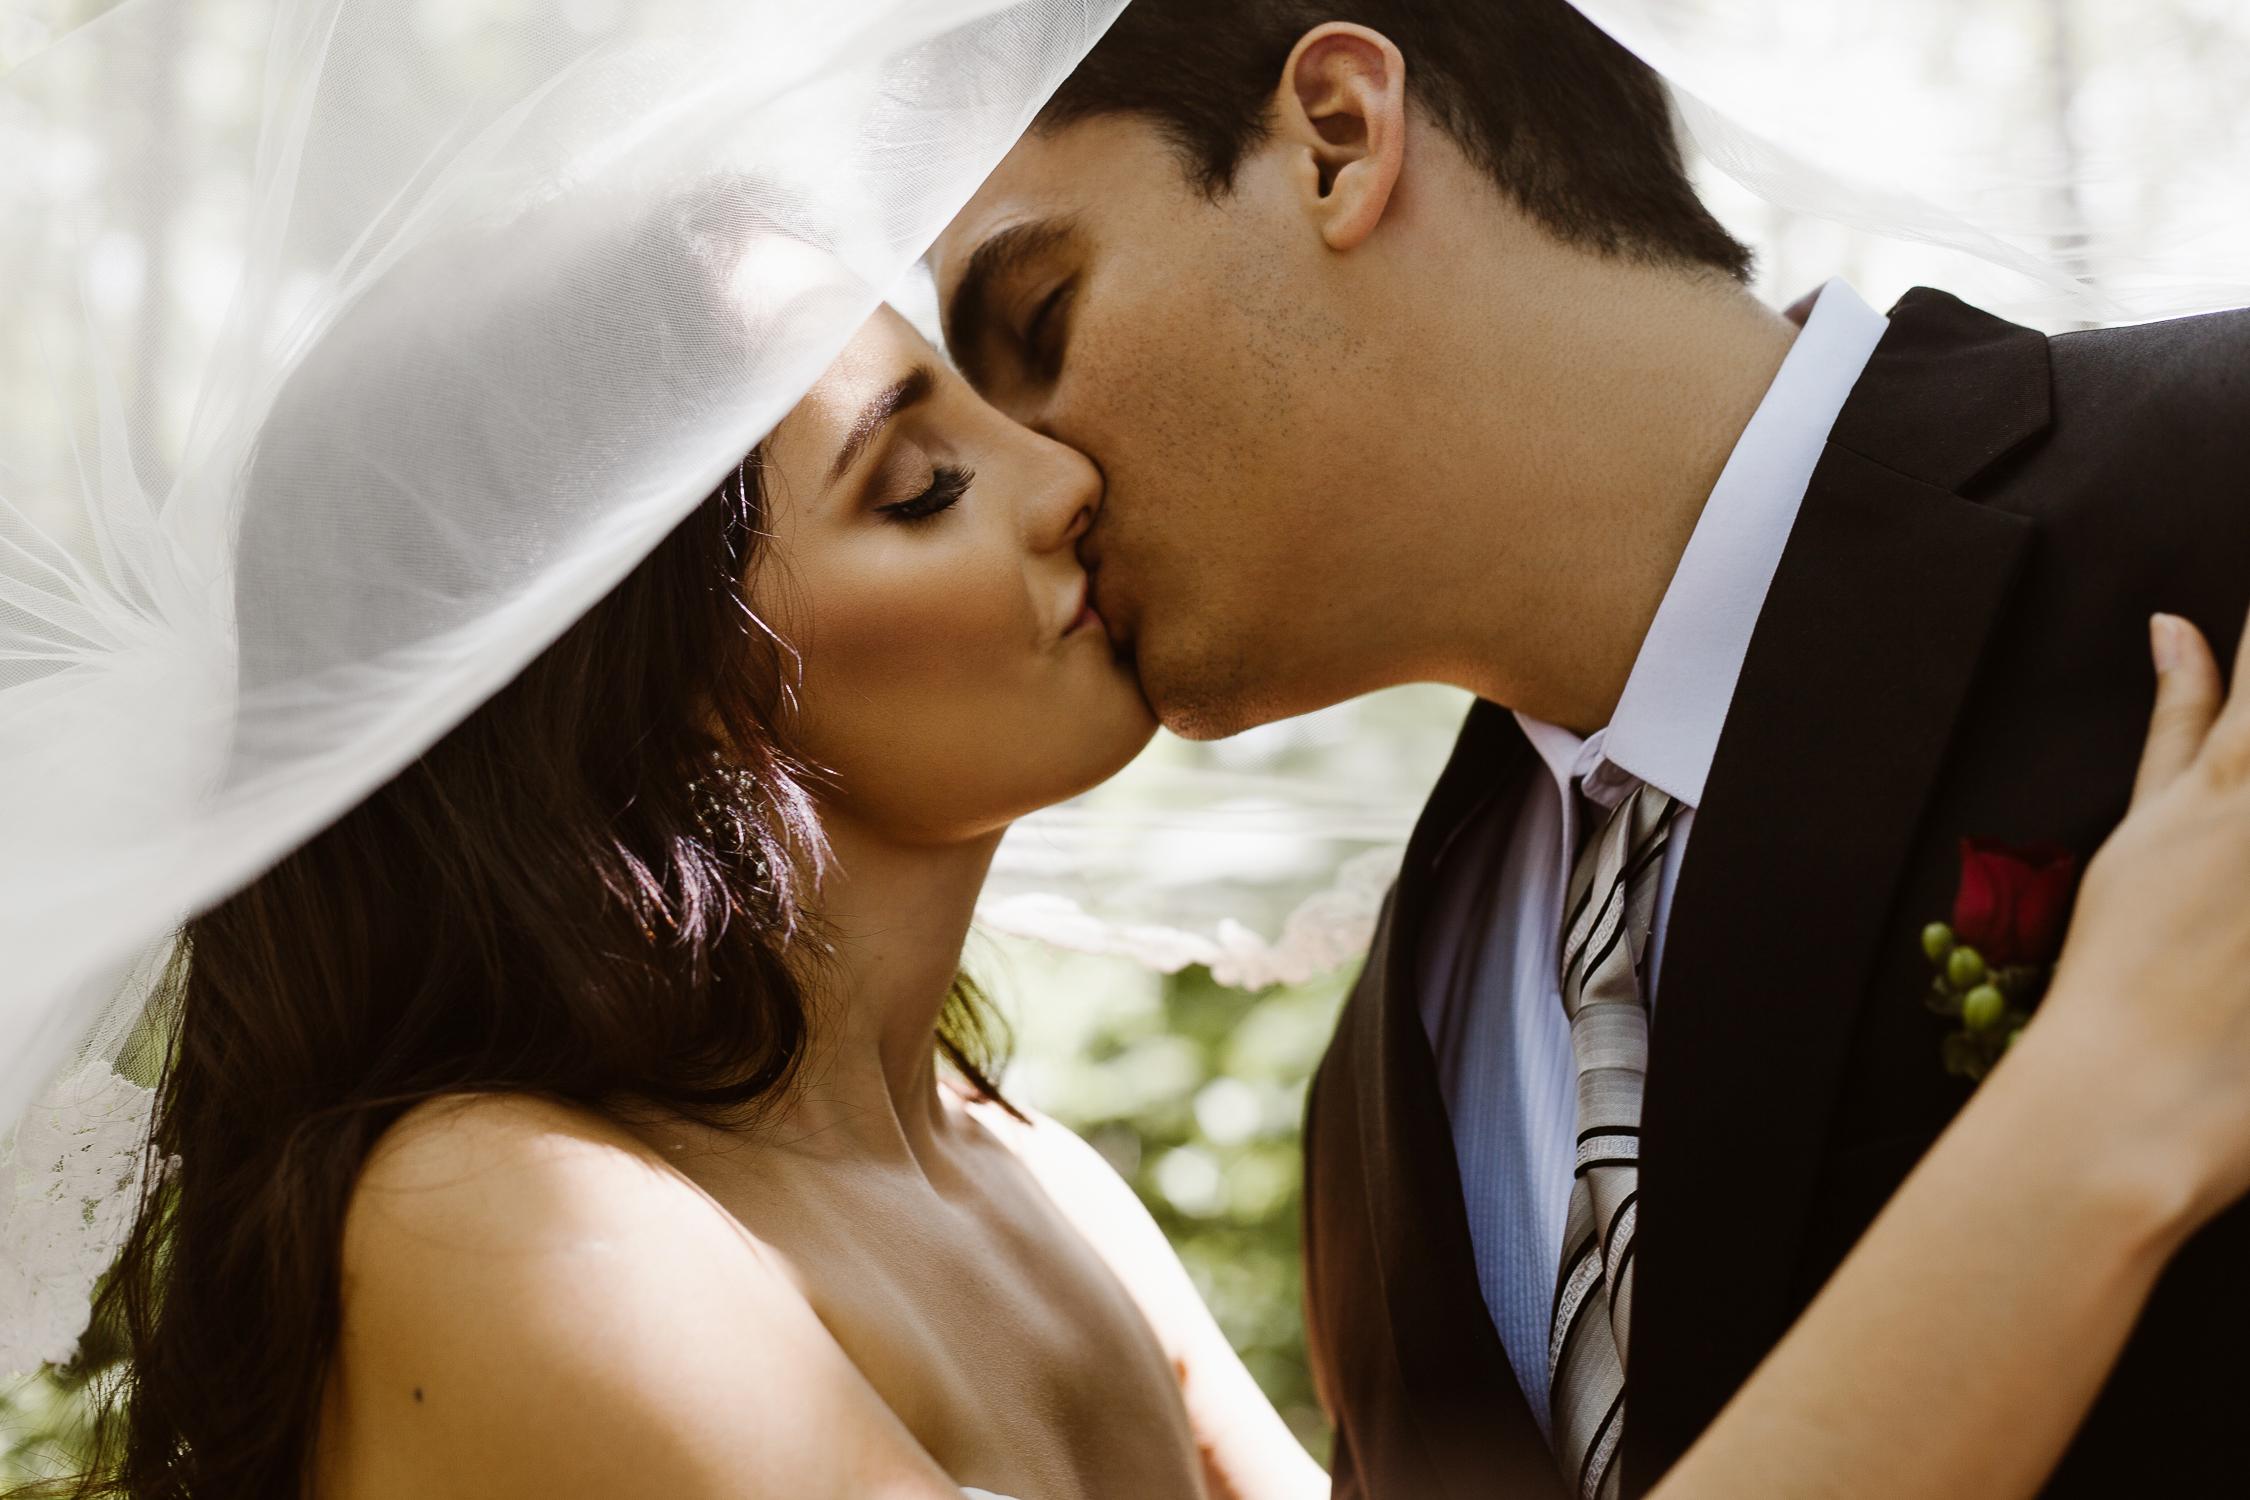 Michelle-Agurto-Fotografia-Bodas-Ecuador-Destination-Wedding-Photographer-Nathalie-Sebas-9.JPG